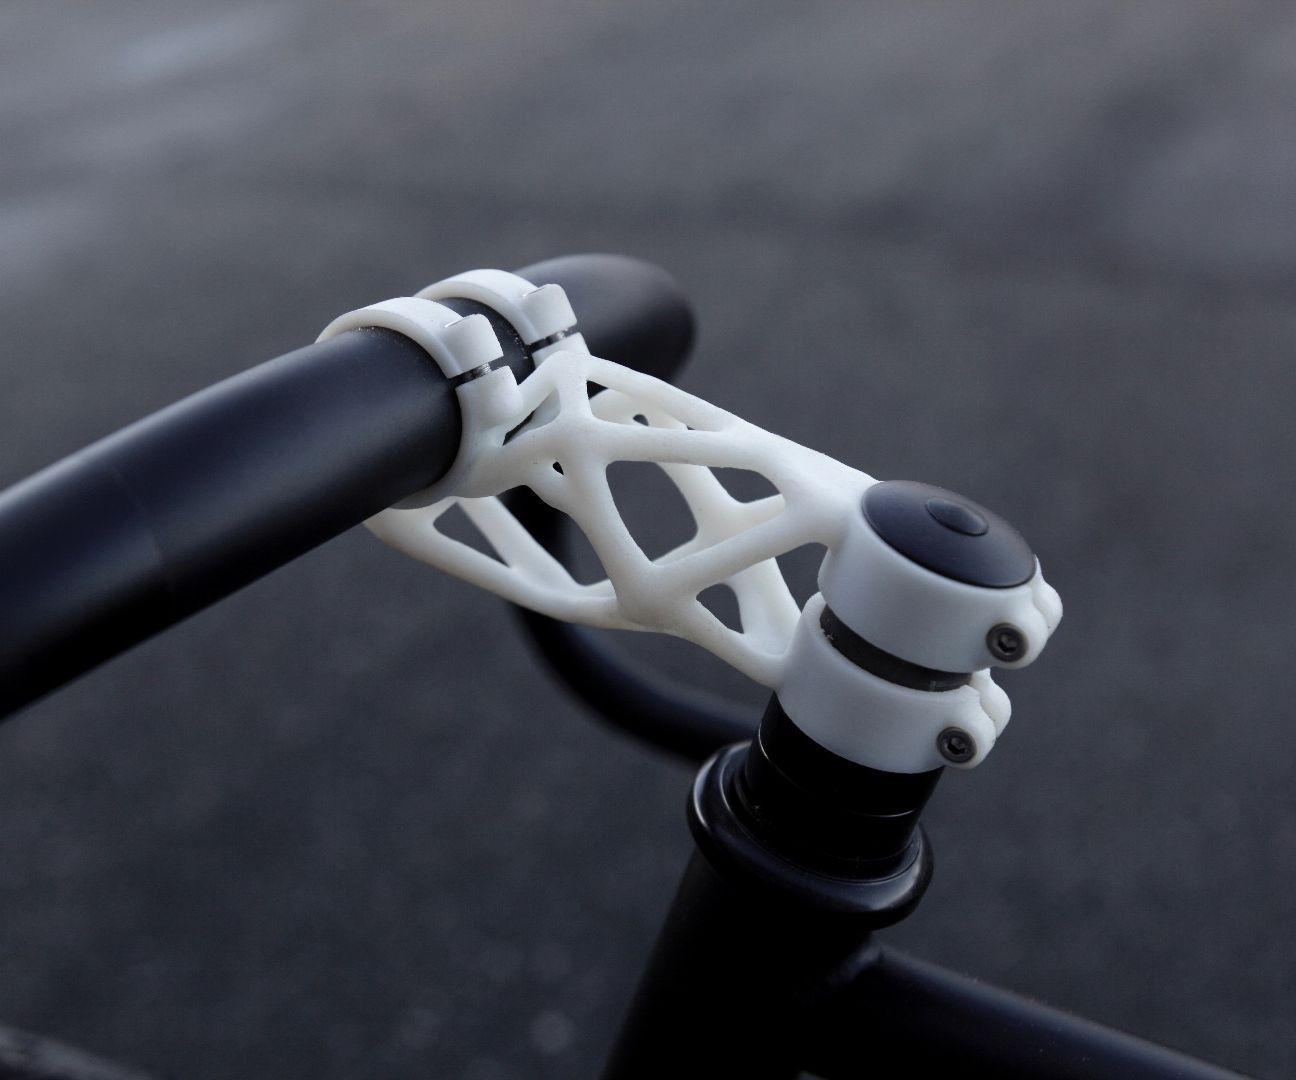 How to Design a Bike Stem in Dreamcatcher